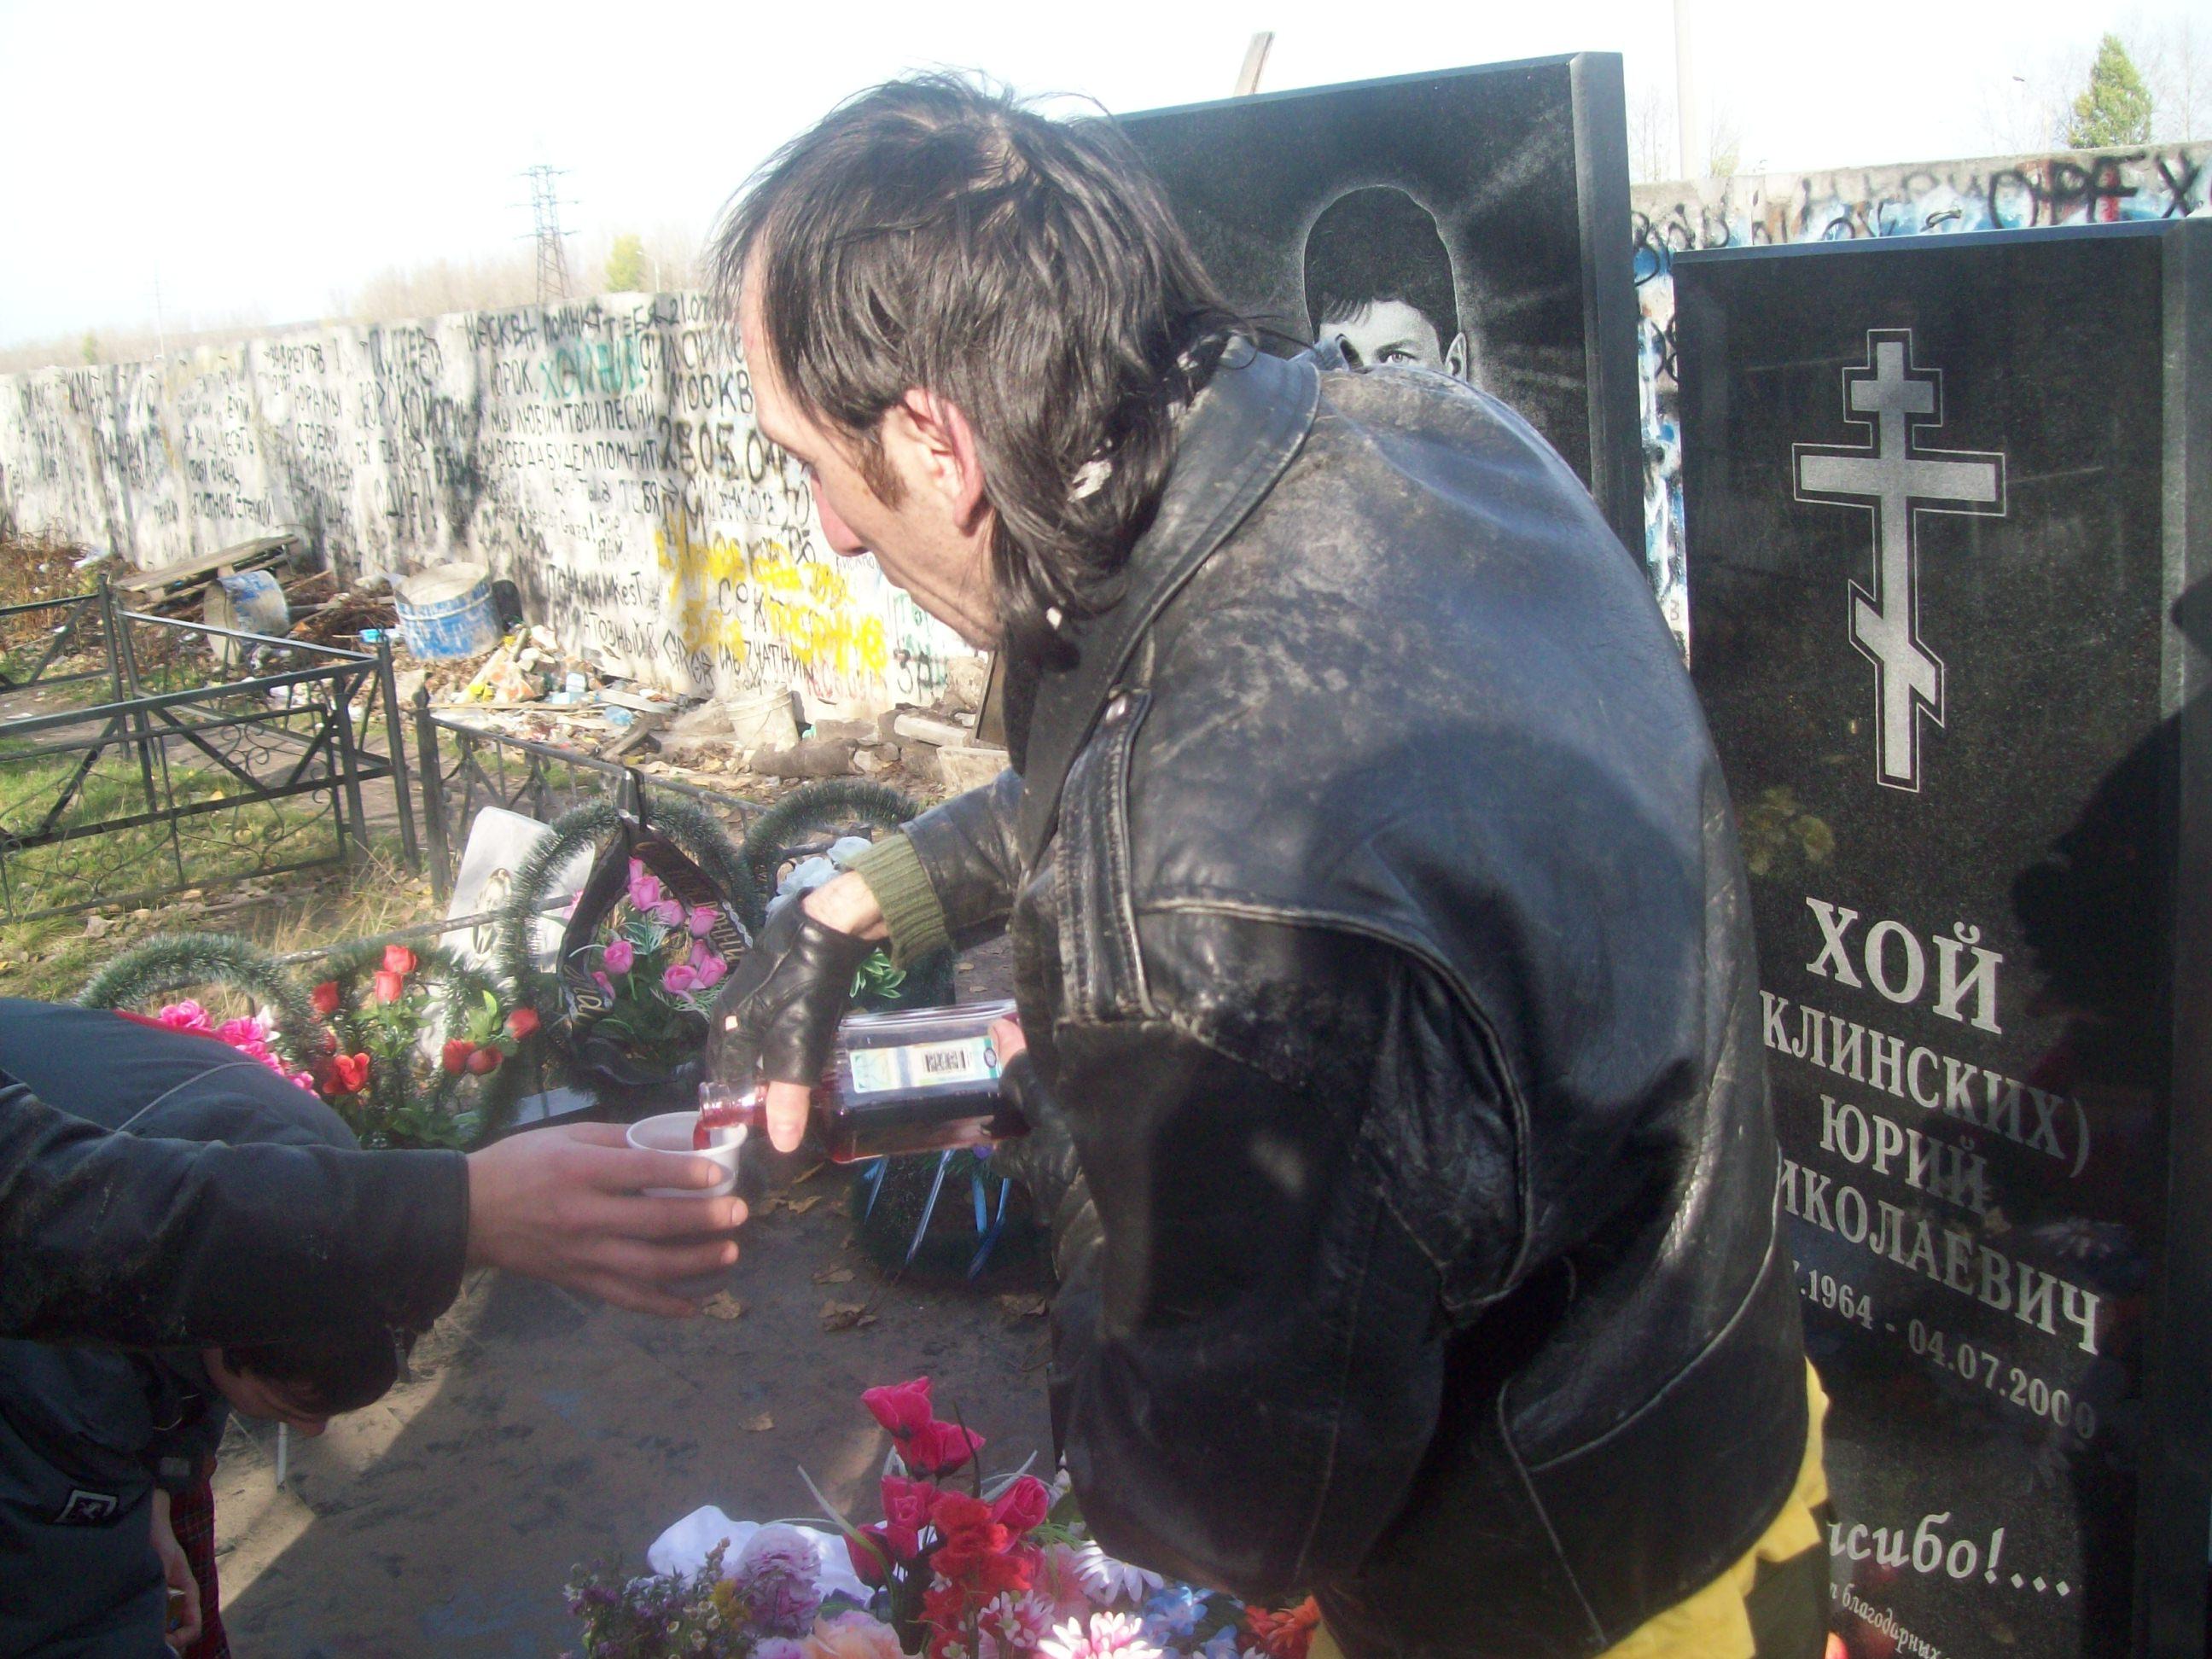 На кладбище у могилы Хоя (Сектор Газа) - пятая фотография